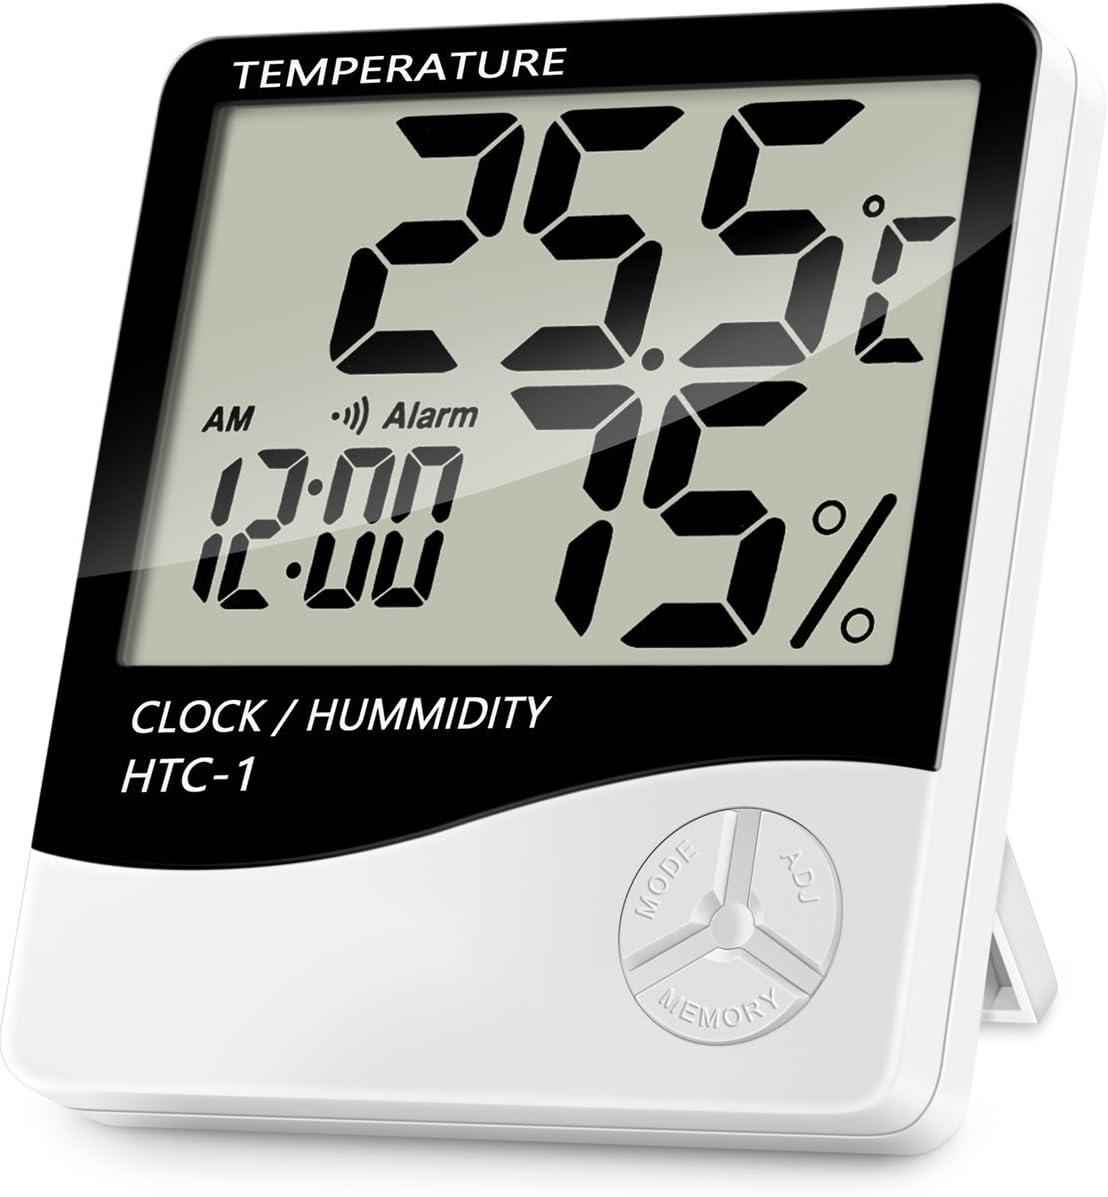 Lanhiem Termómetro Higrómetro Digital - Interior Termohigrómetro con Gran LCD Pantalla, Función Reloj de Alarma, Medidor de Temperatura Humedad para Casa y Oficina